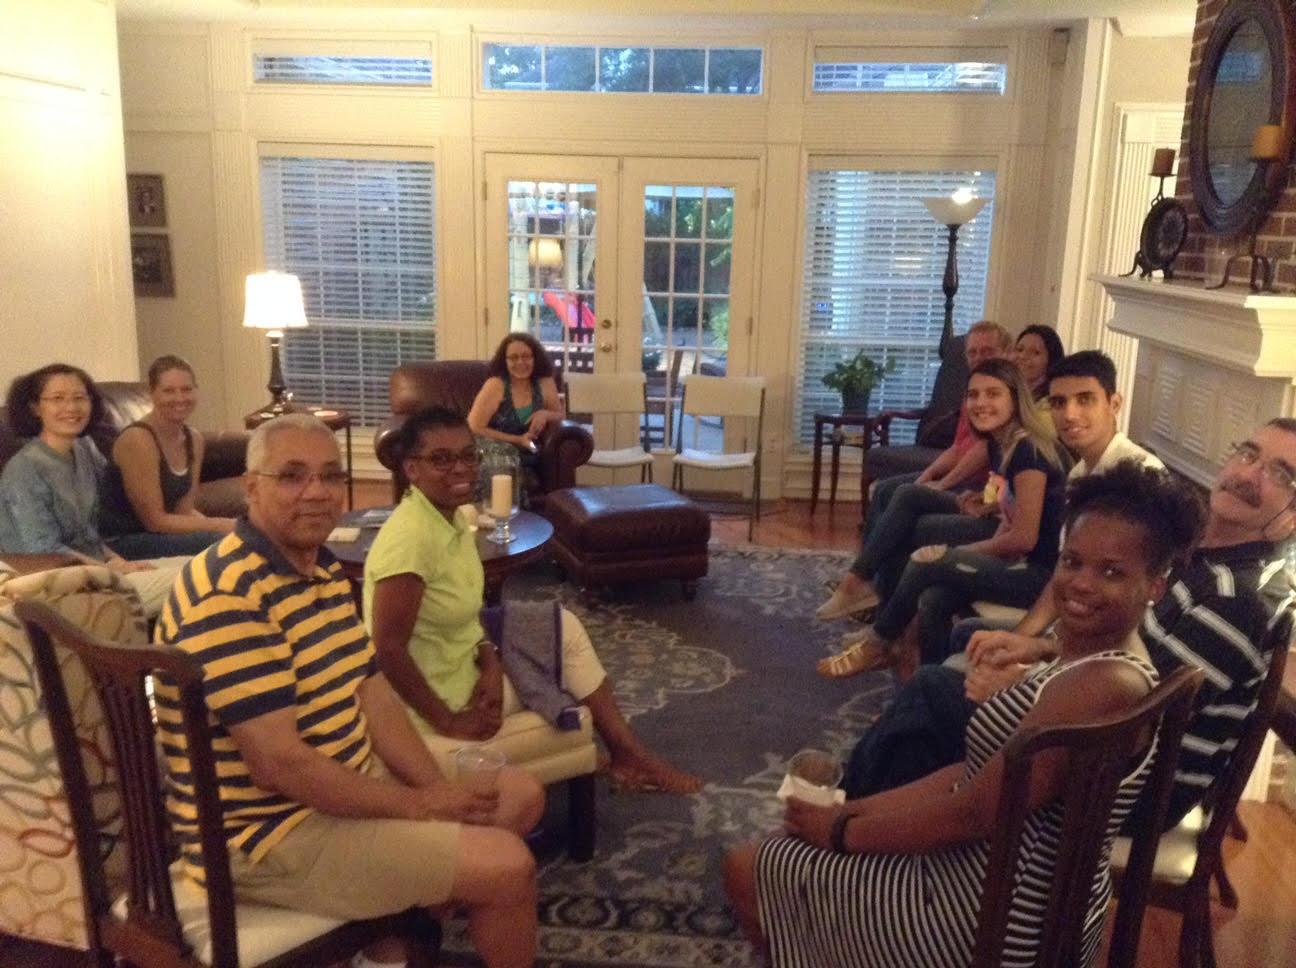 ESL group at Sari_s house_2.jpg